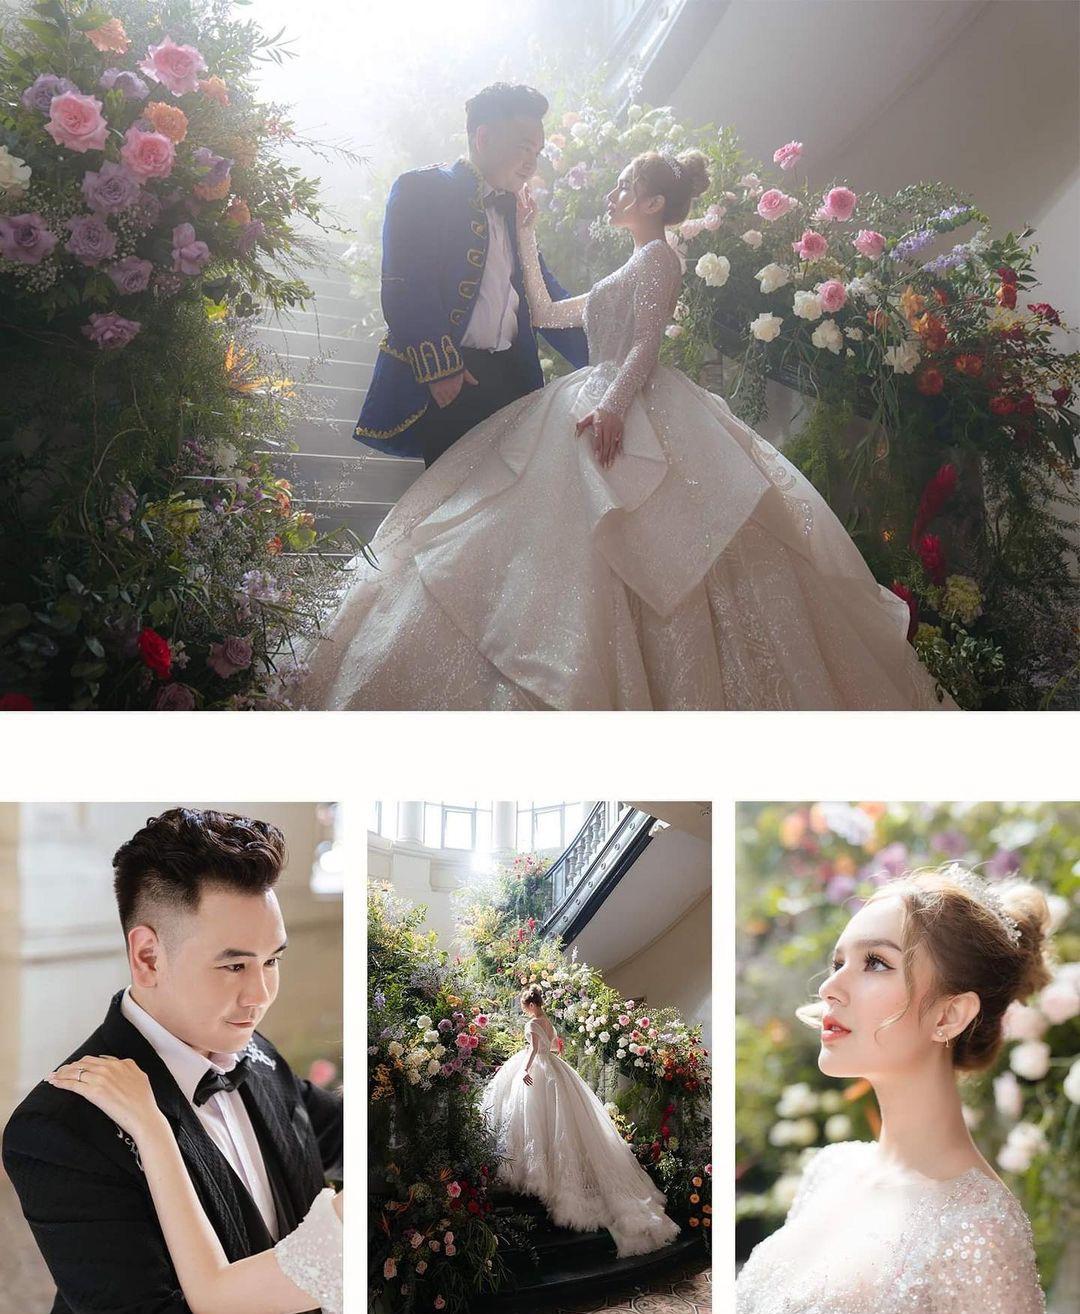 """Hé lộ đám cưới của streamer giàu nhất Việt Nam và vợ hot girl kém 13 tuổi, """"bỏ học từ lớp 10"""""""